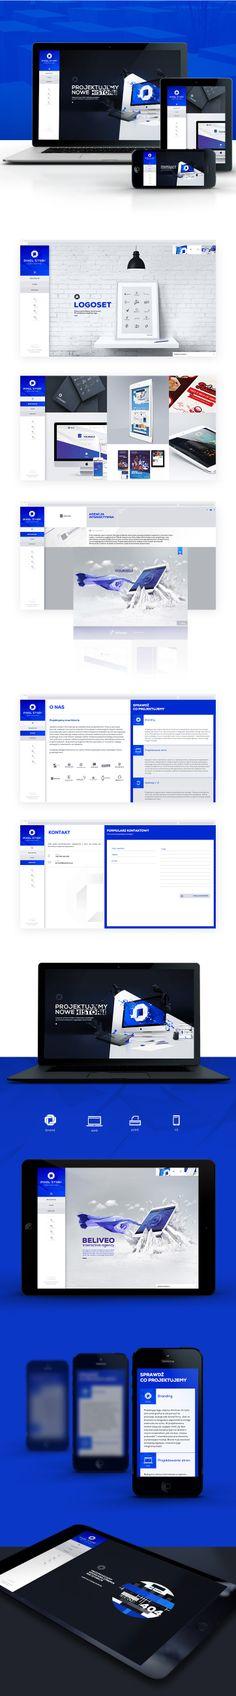 full presentation - www.behance.net/pixelstory www.pixelstory.pl